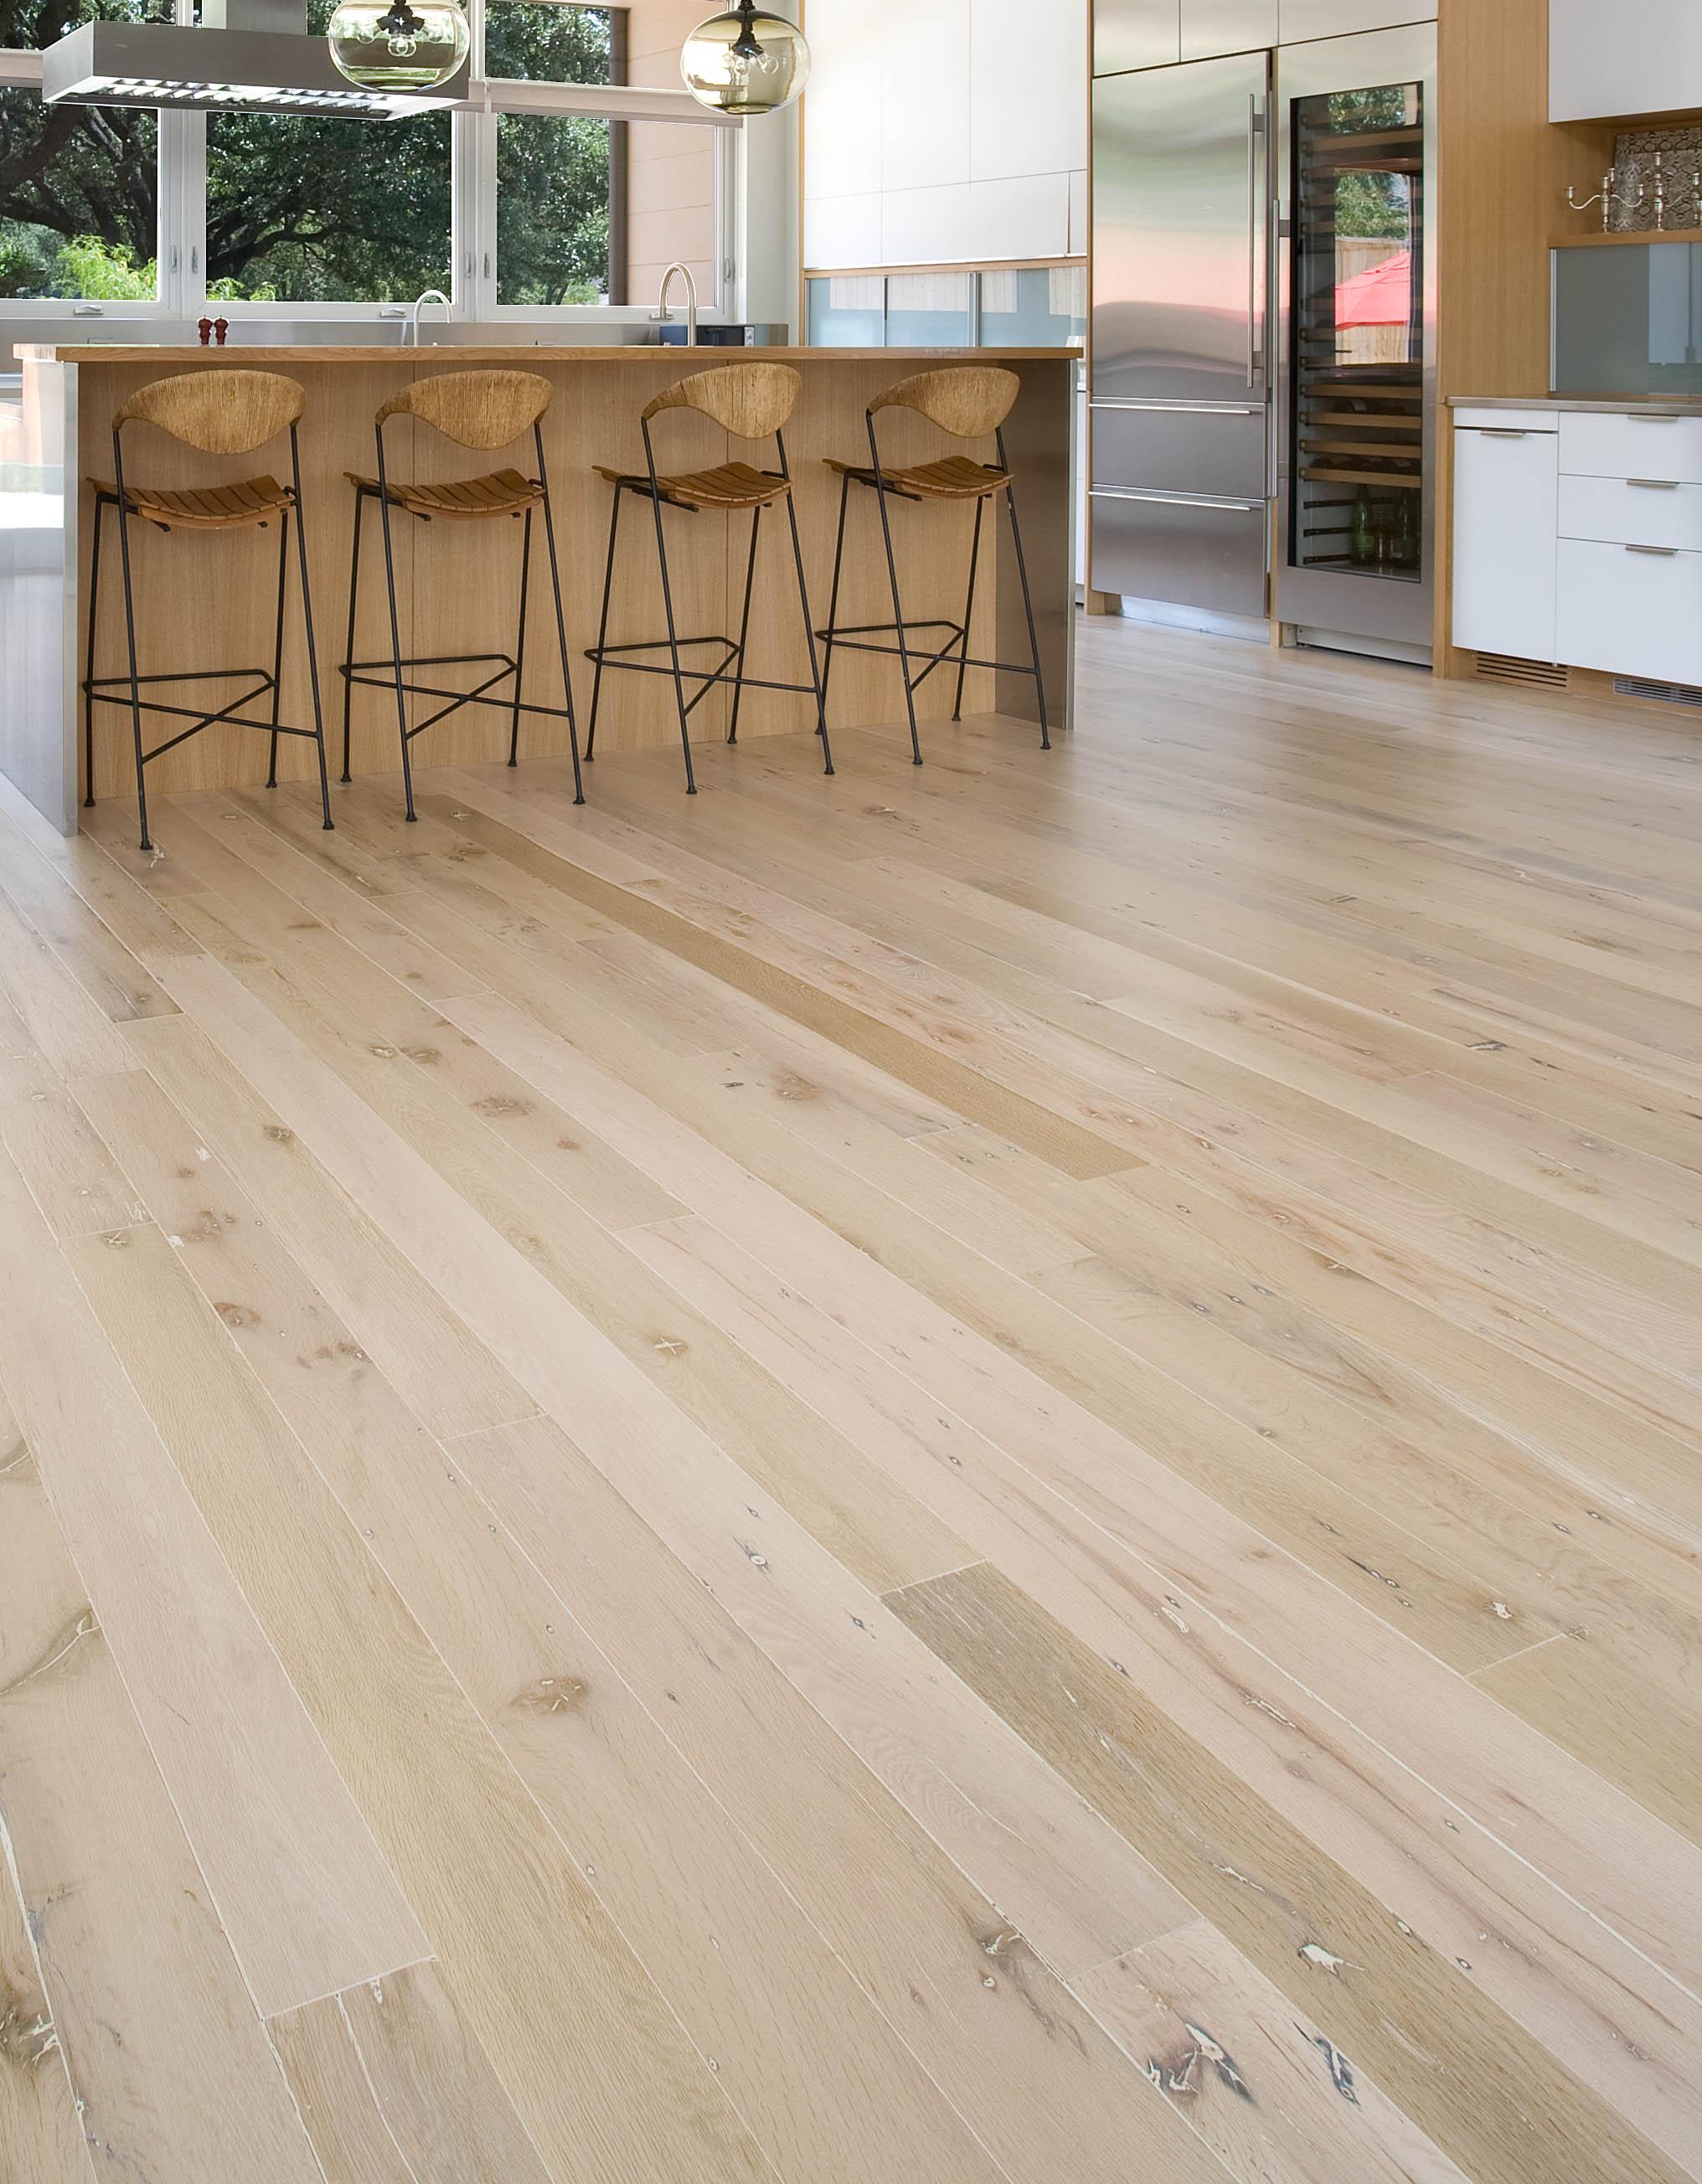 the gallery for gt natural white oak hardwood flooring white oak laminate HTASZXF